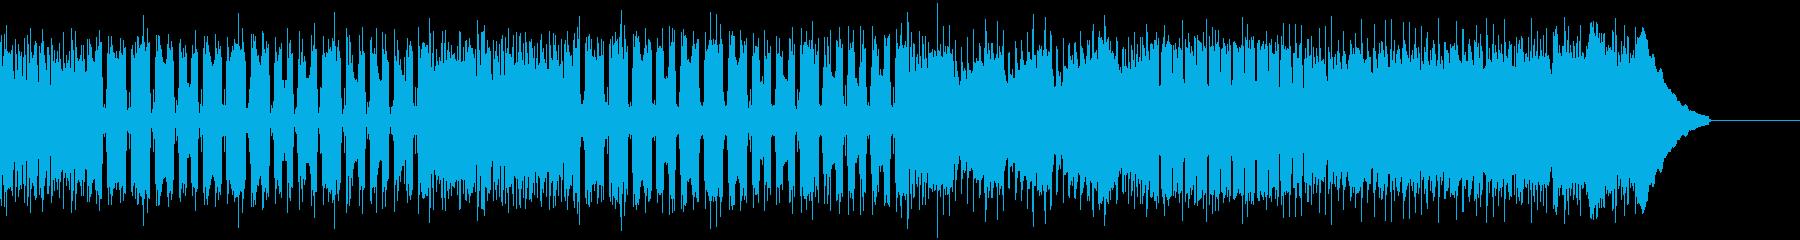 カントリー風マーチングギター01Eの再生済みの波形